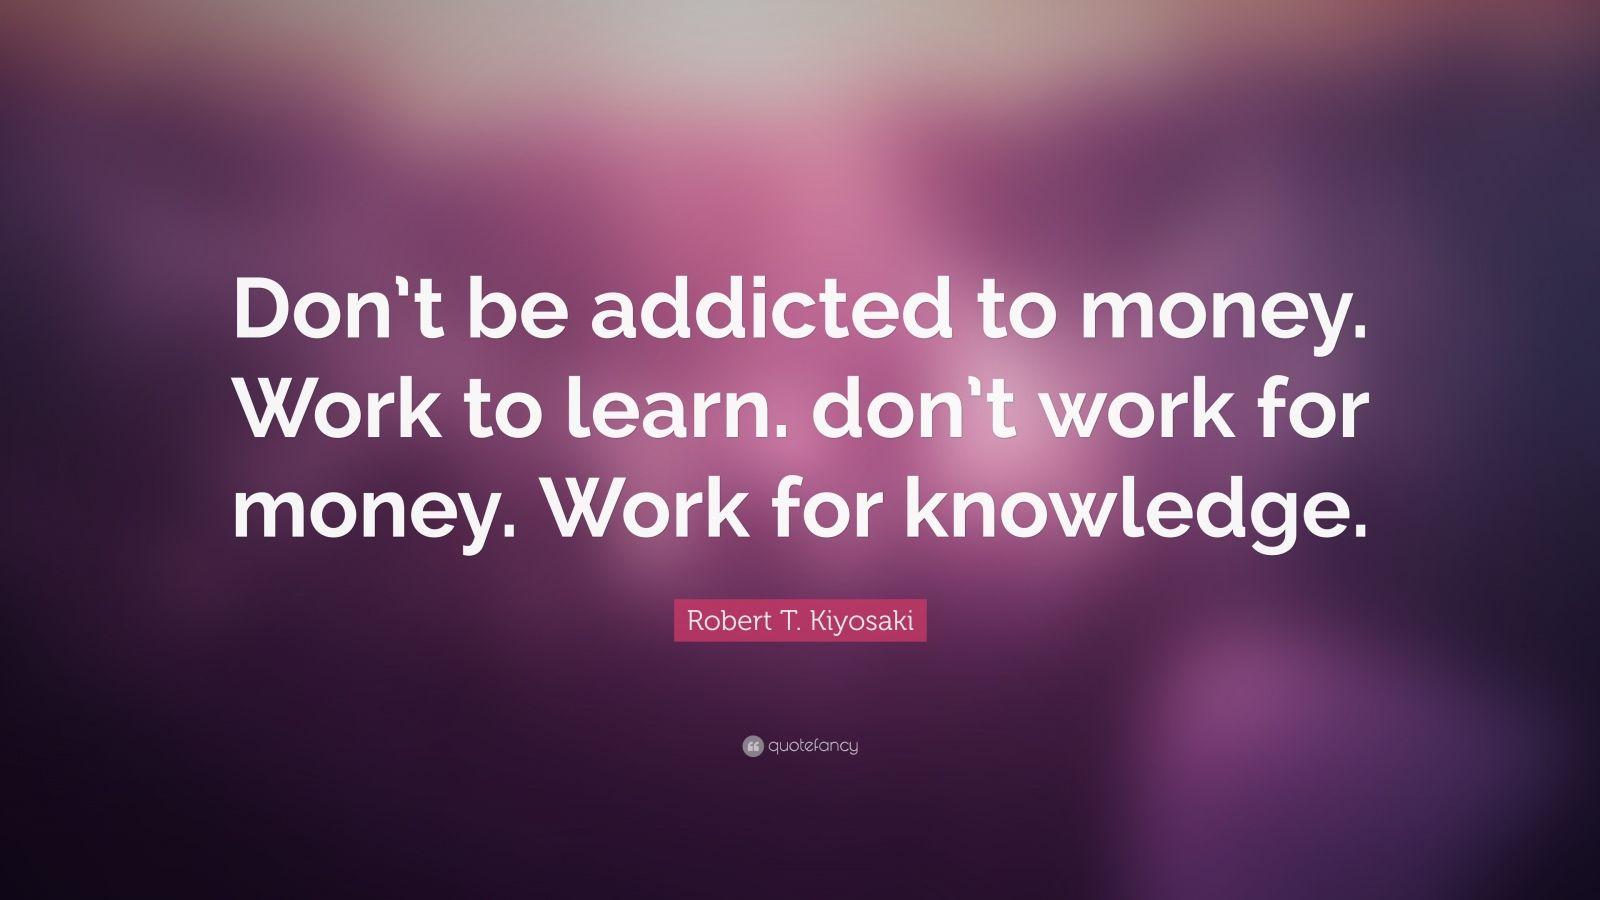 """Robert T. Kiyosaki Quote: """"Don't be addicted to money. Work to learn. don't work for money. Work for knowledge."""""""